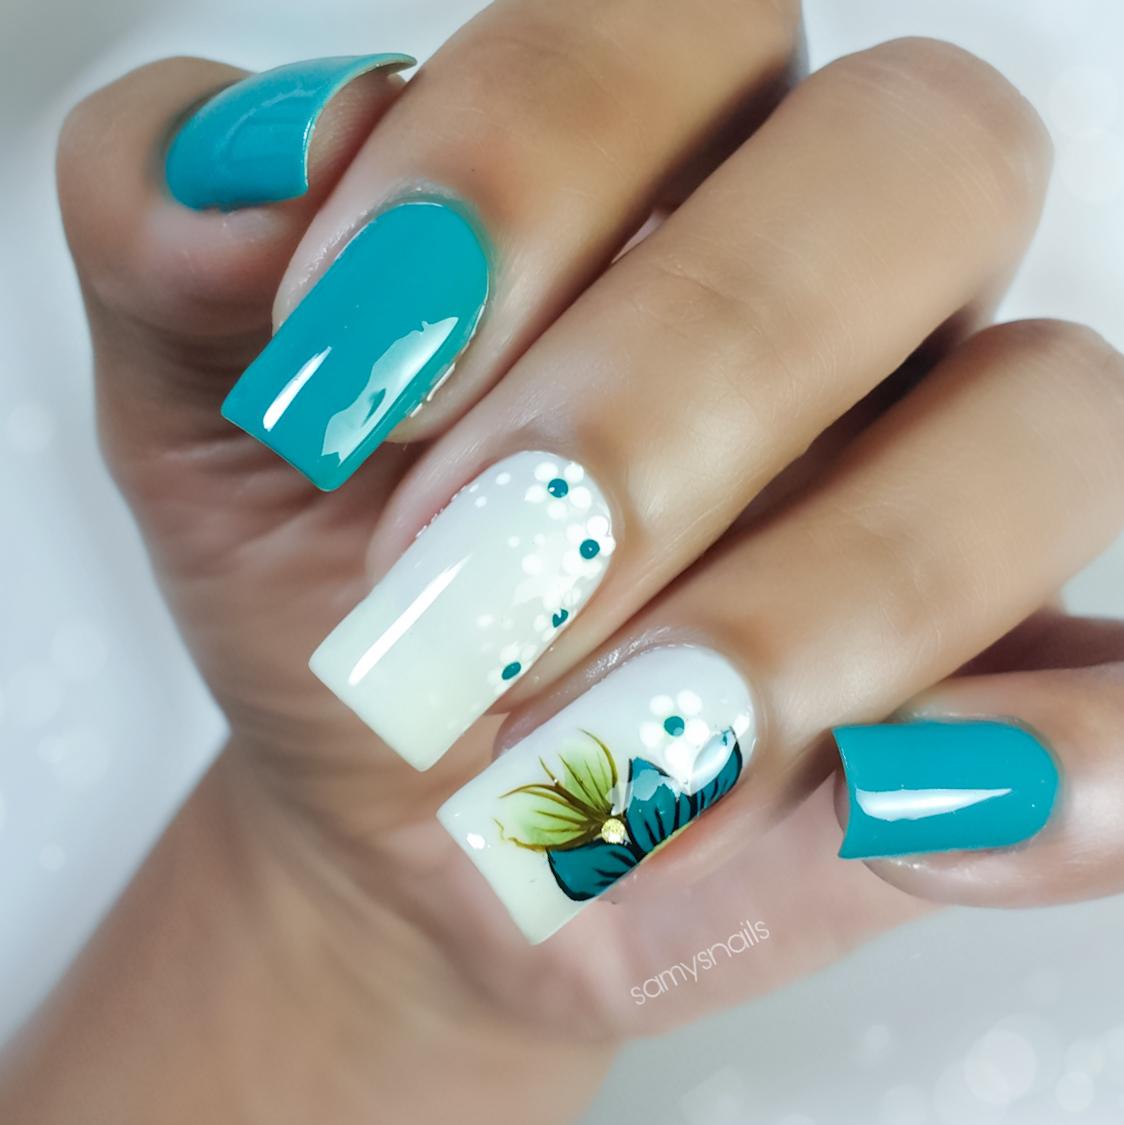 Esmalte verde e verão combinam? Saiba como combinar cores e decorações de unha simples.